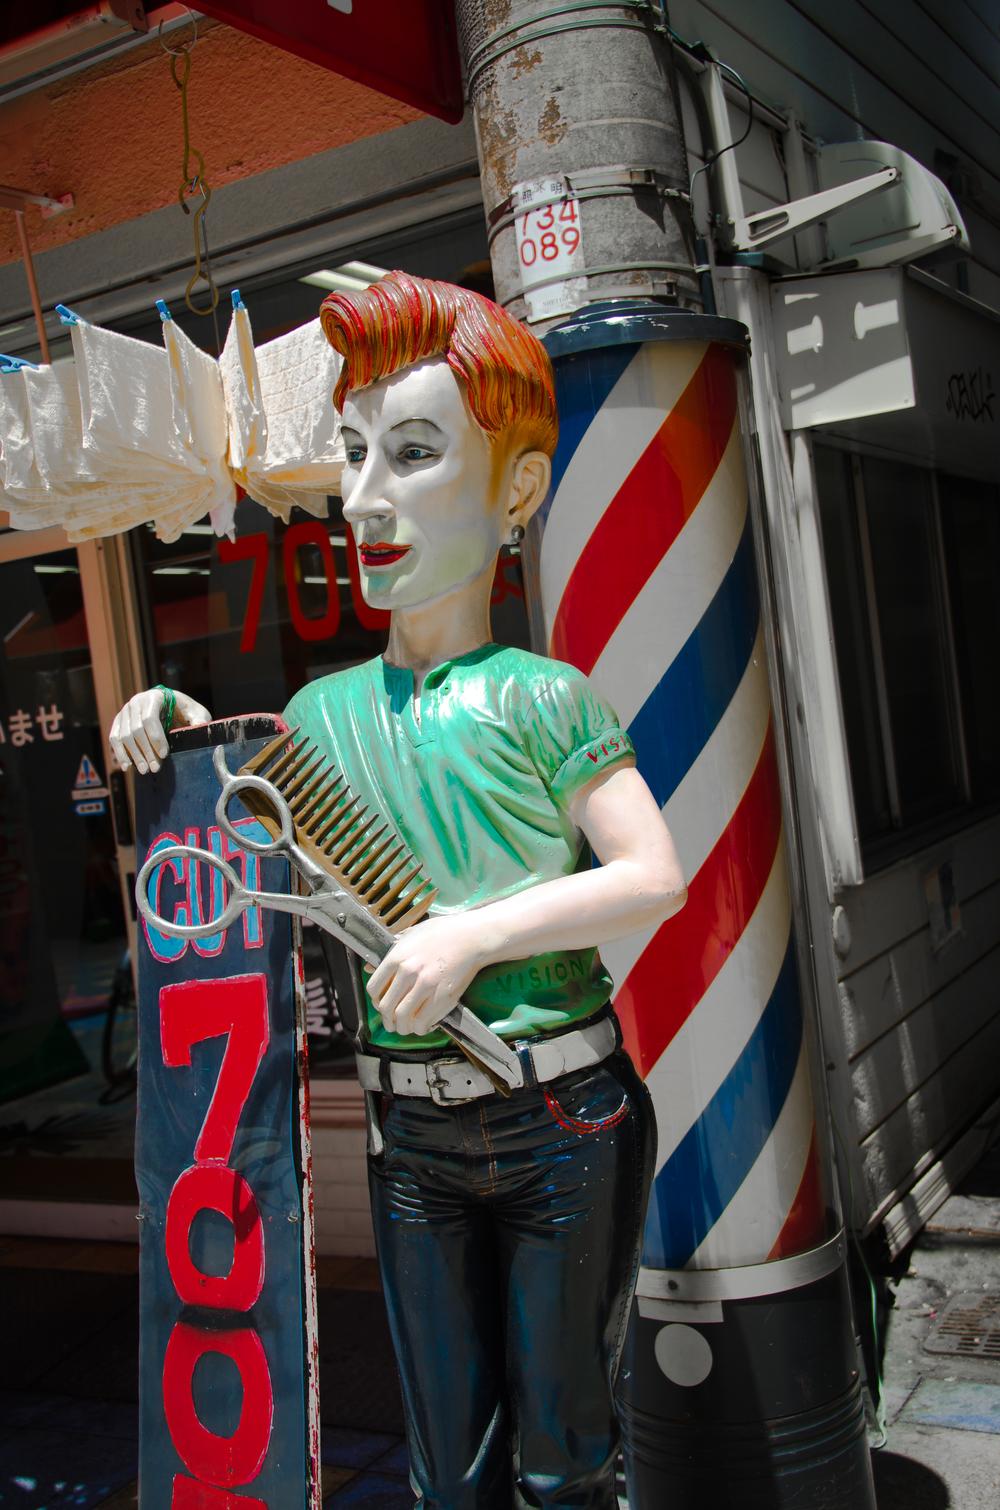 Effeminate Clown Conan accepts Visa